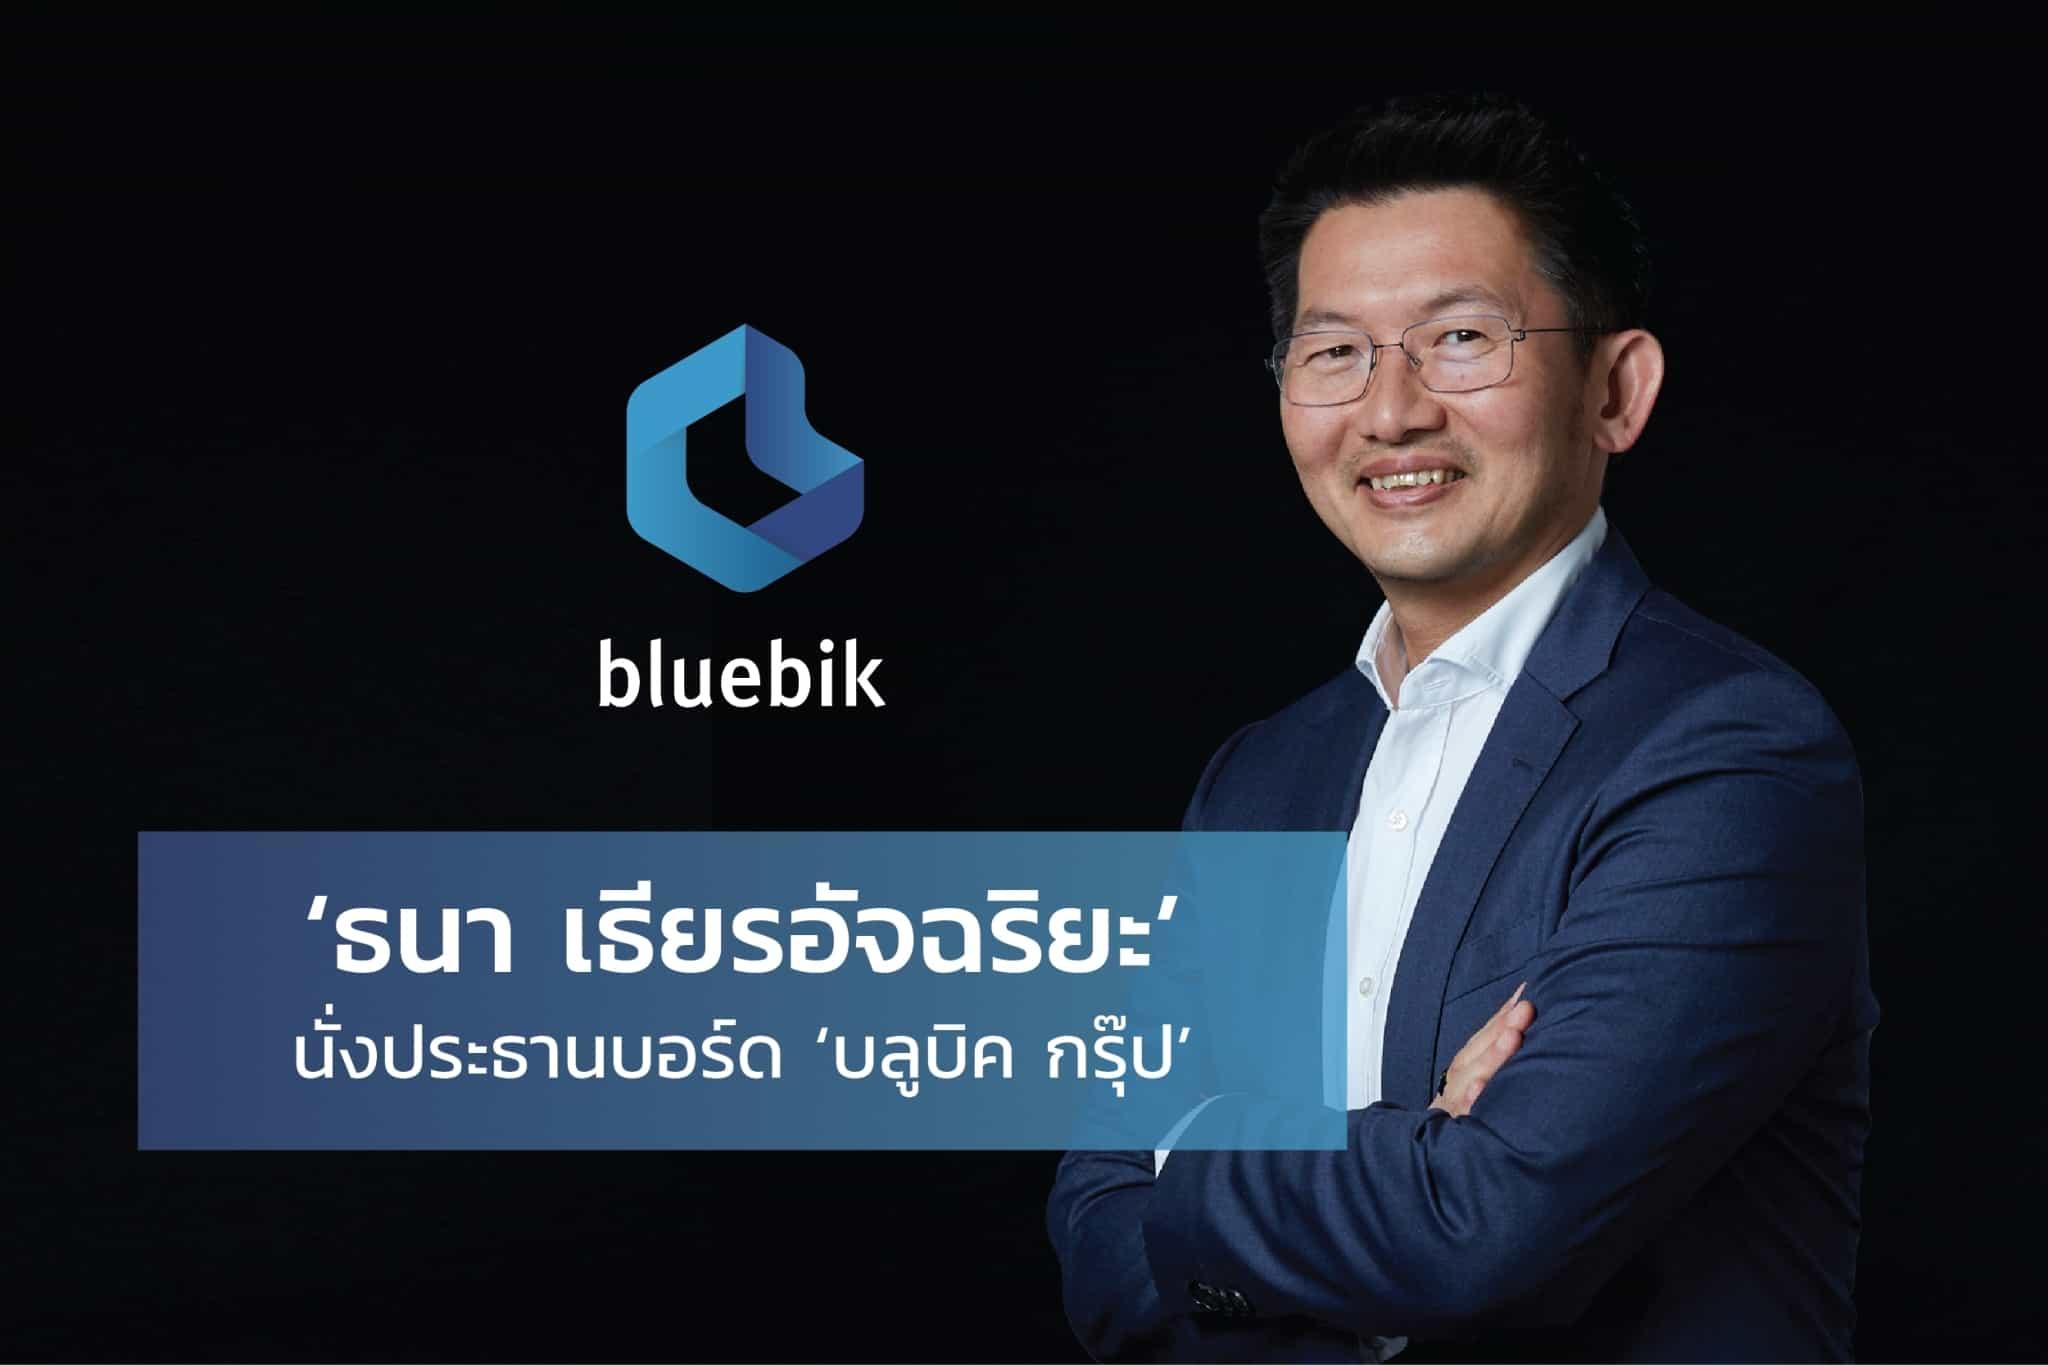 ธนา เธียรอัจฉริยะ นั่งแท่นประธานบอร์ด Bluebik Group